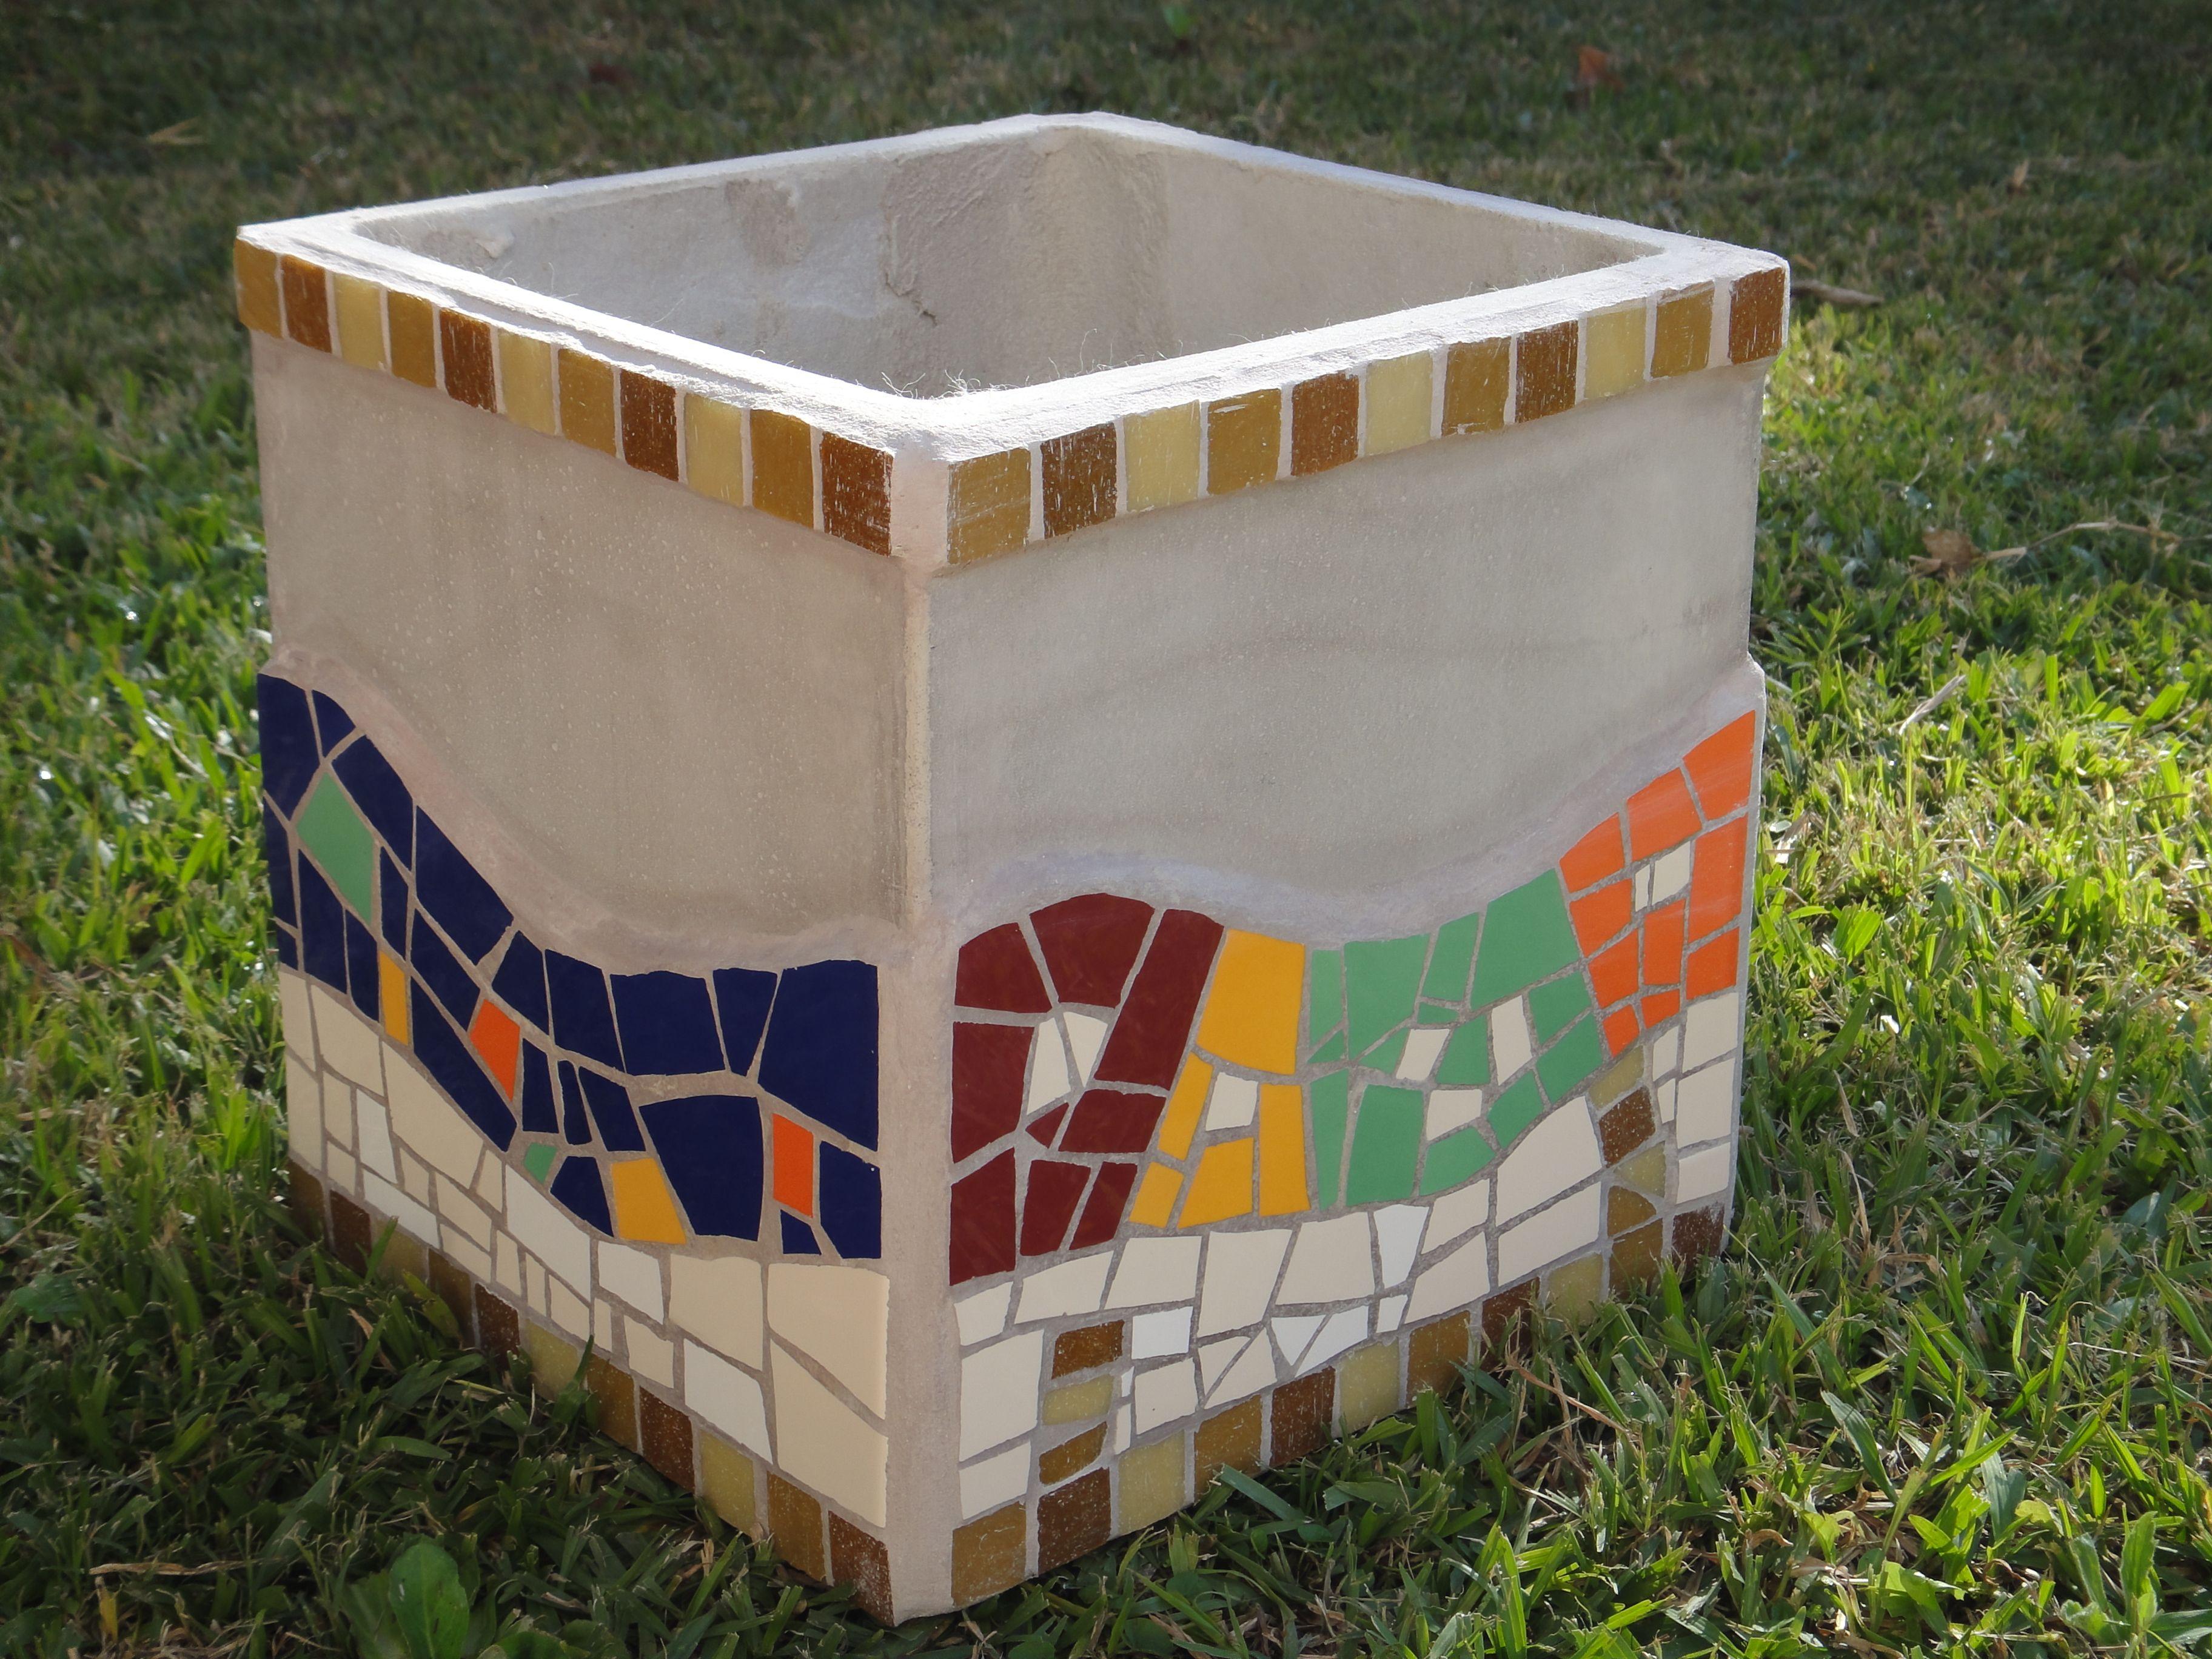 Maceta de fibrocemento con guardas mosaic pots - Macetas fibrocemento ...